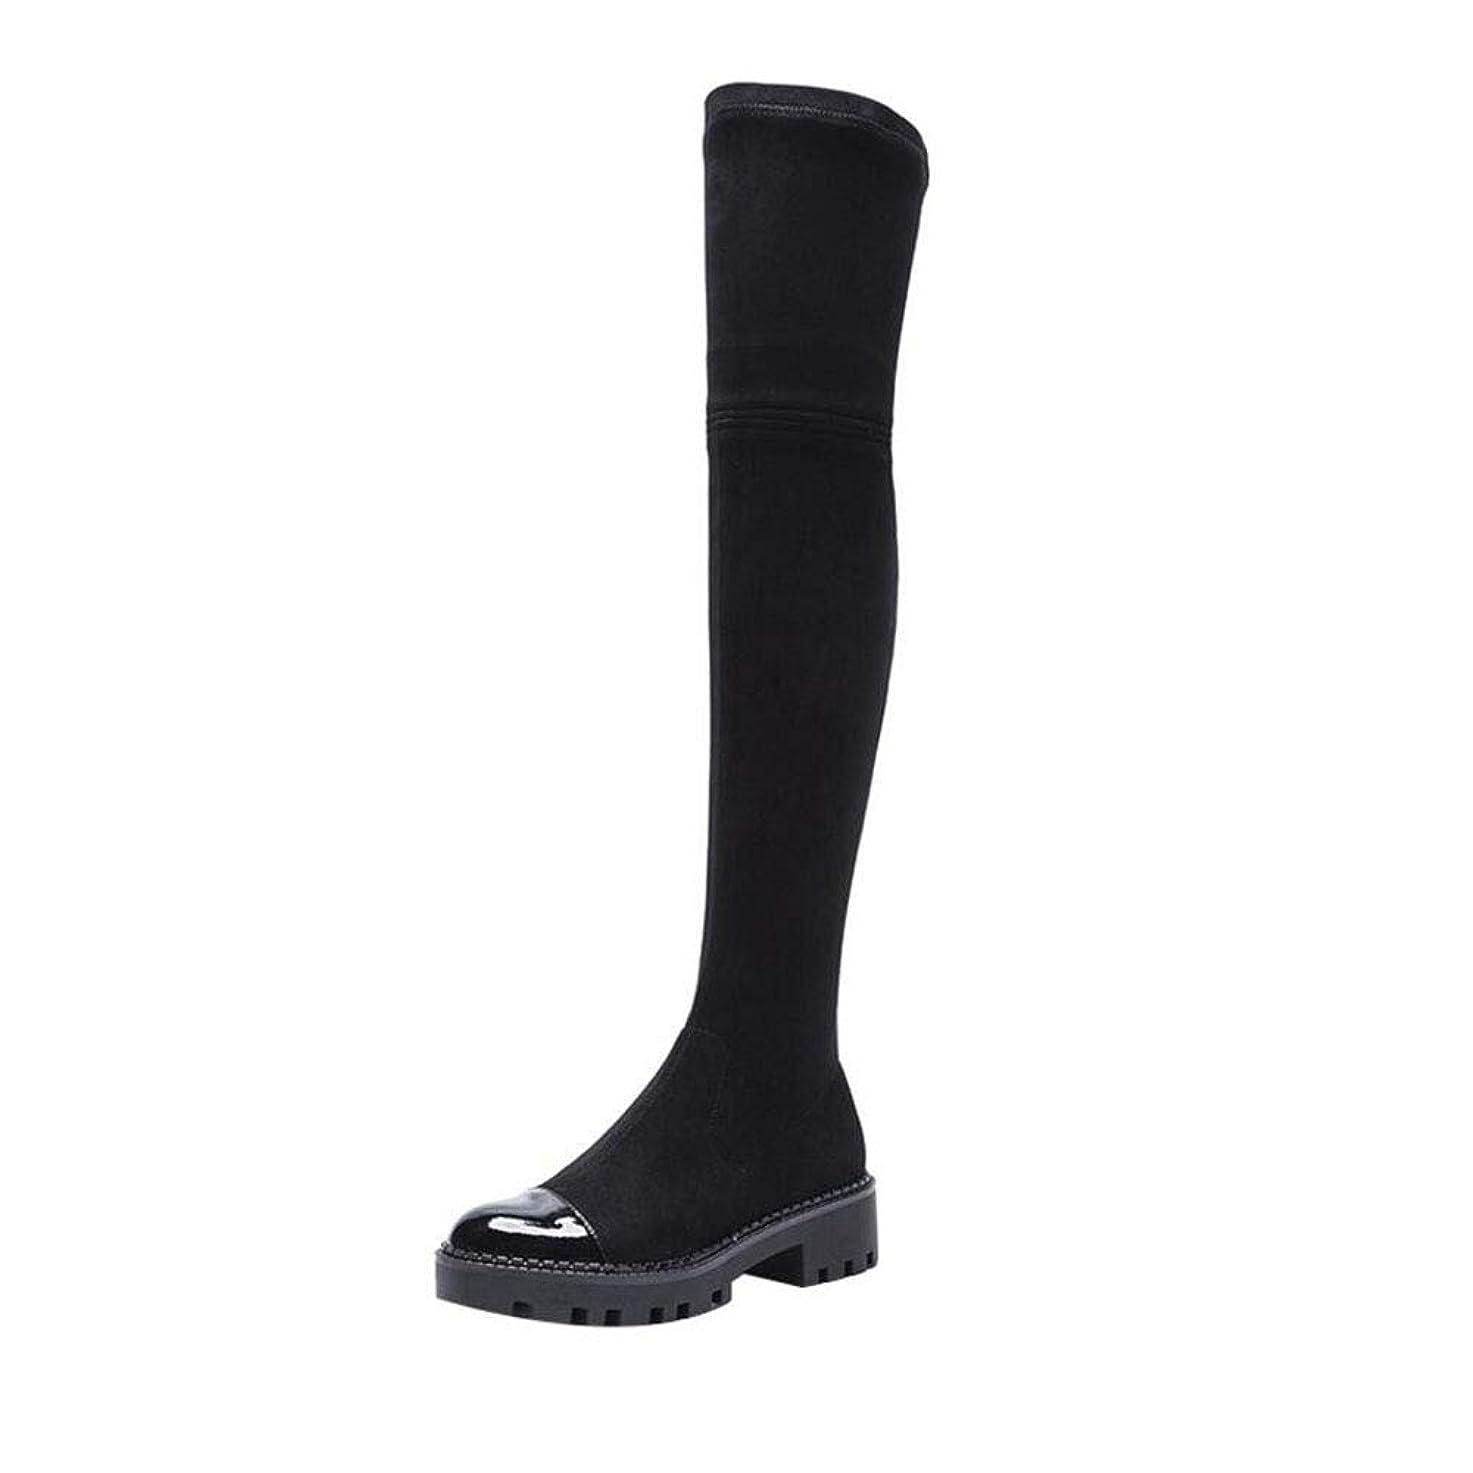 嫌がらせ小麦見る2018膝の上にブーツ冬新スタイルストレッチロングシューズ女性弾性ブーツプラットフォームシューズ女性のスクエアヒール (色 : ブラック, サイズ : 37)